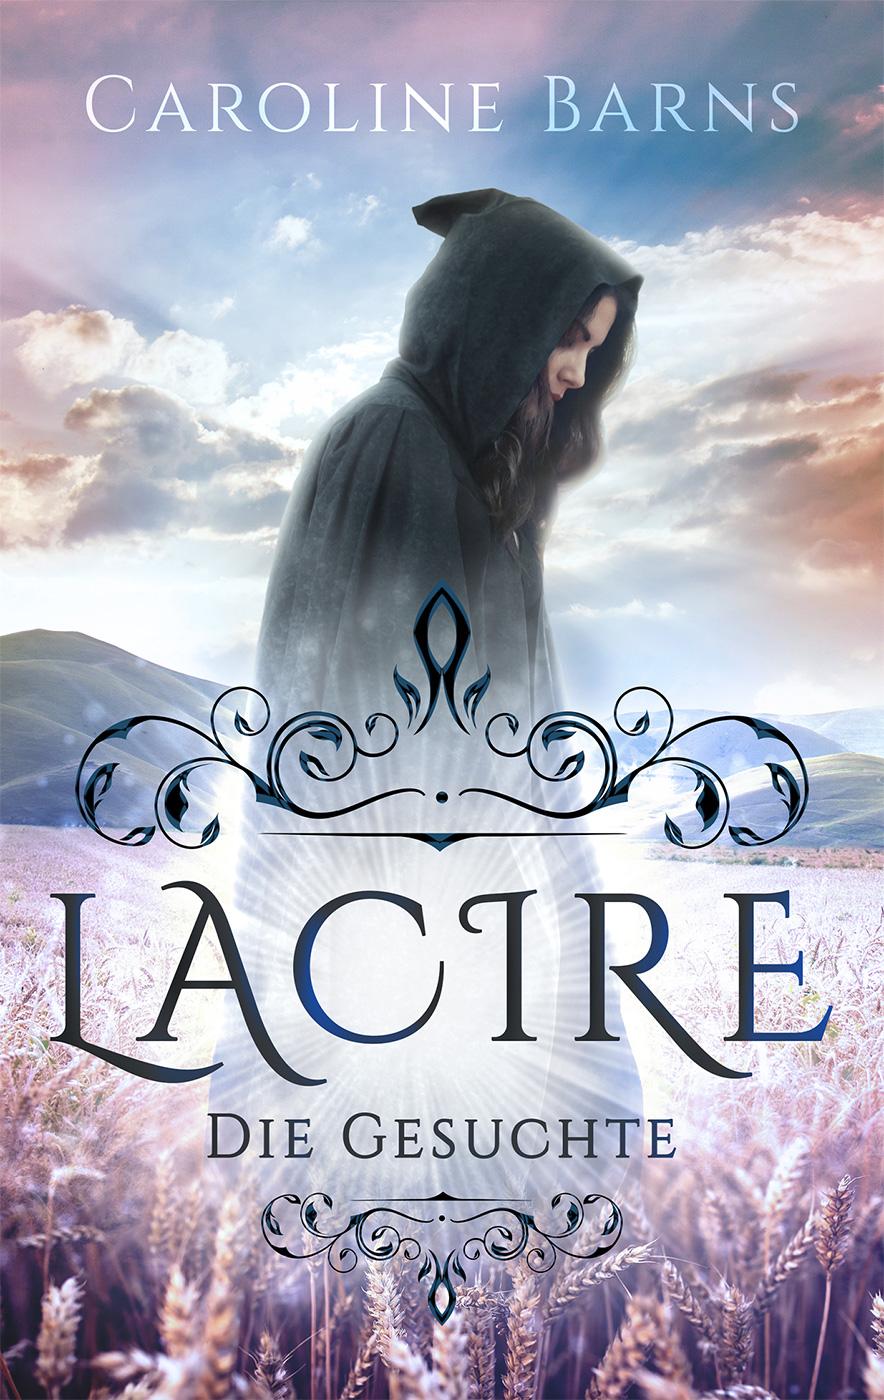 Lacire – Die Gesuchte